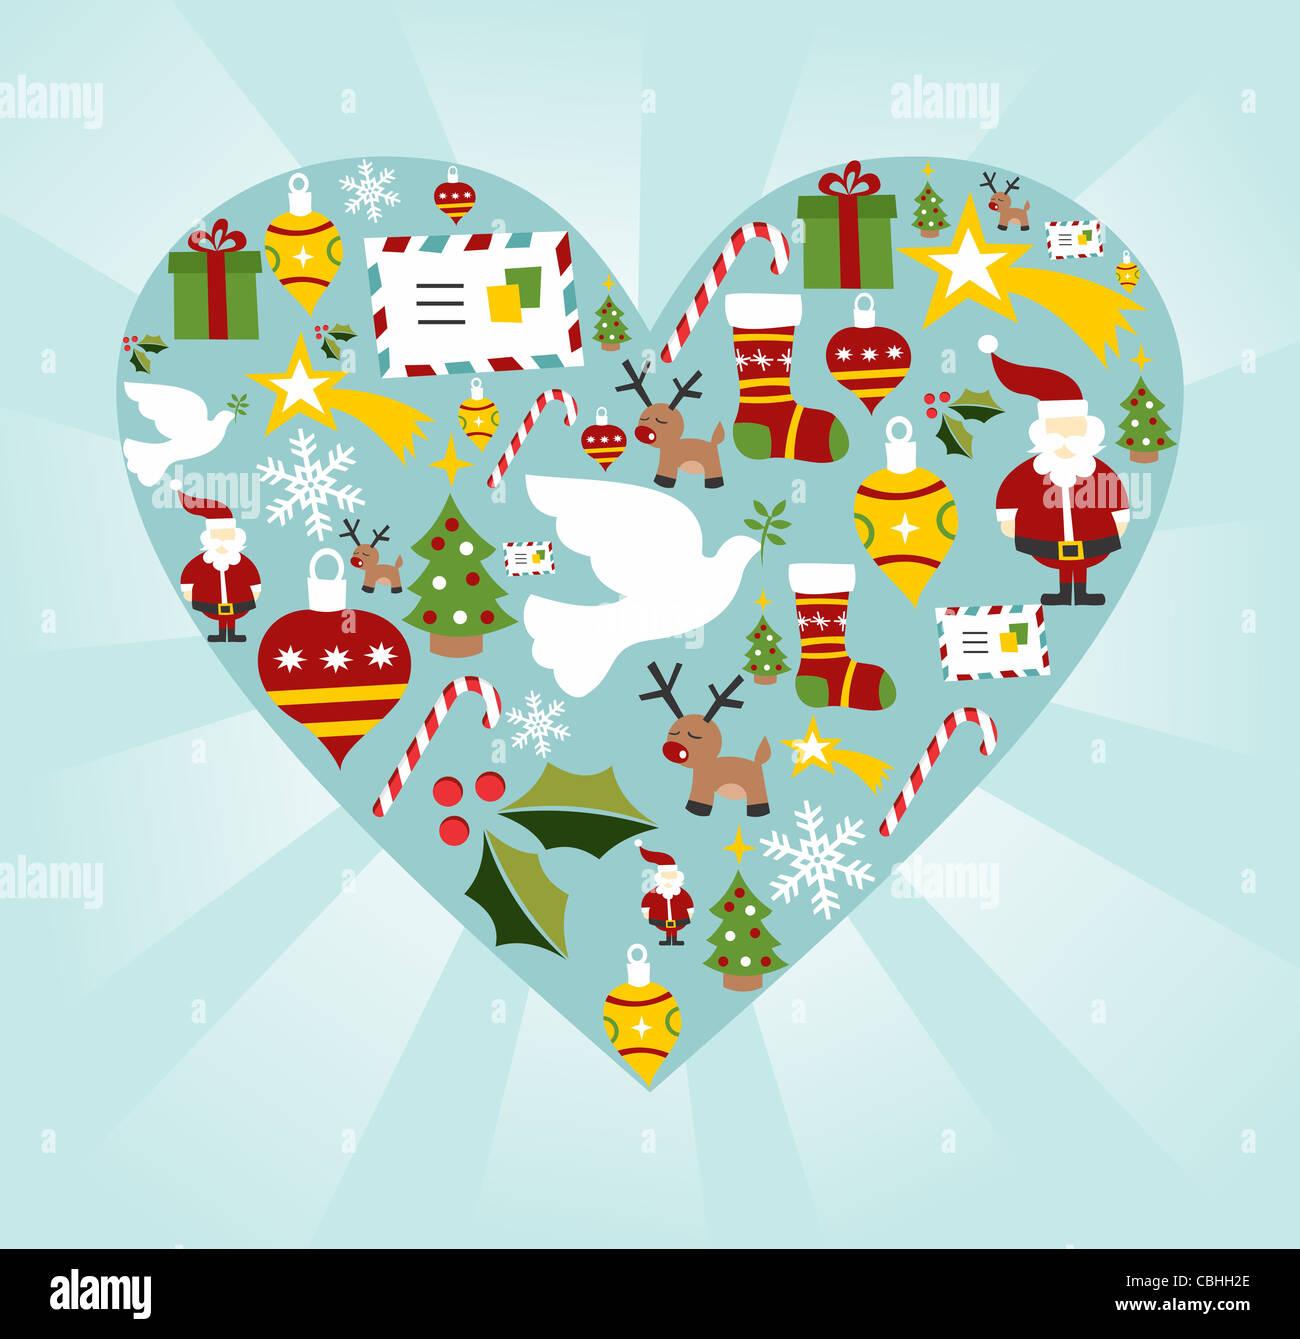 Conjunto de iconos de Navidad en forma de corazón de fondo. Archivo vectorial disponible. Imagen De Stock